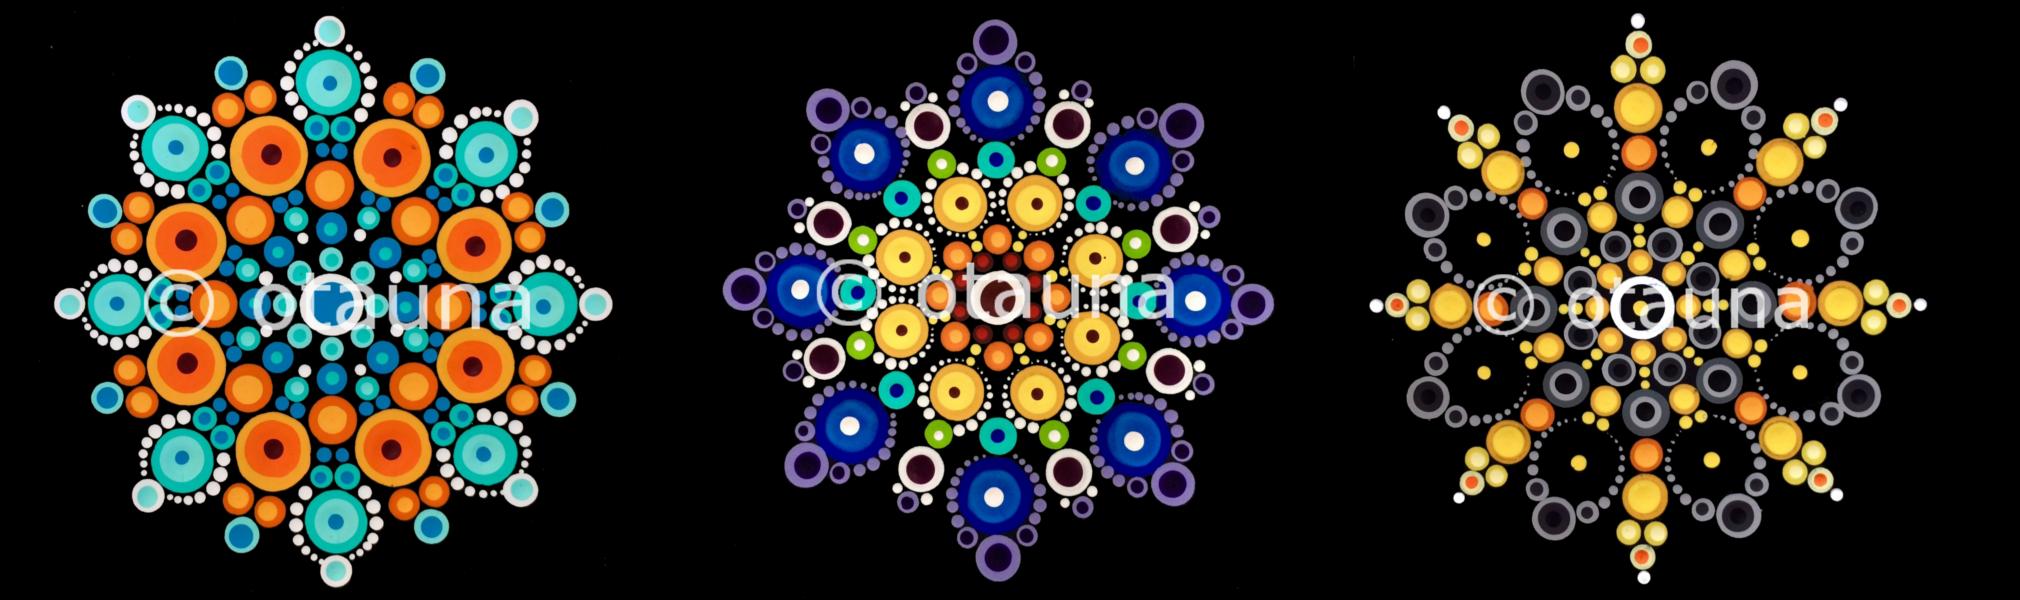 Left to right: Orange & Turquoise Mandala, Rainbow Mandala, and Balance Mandala